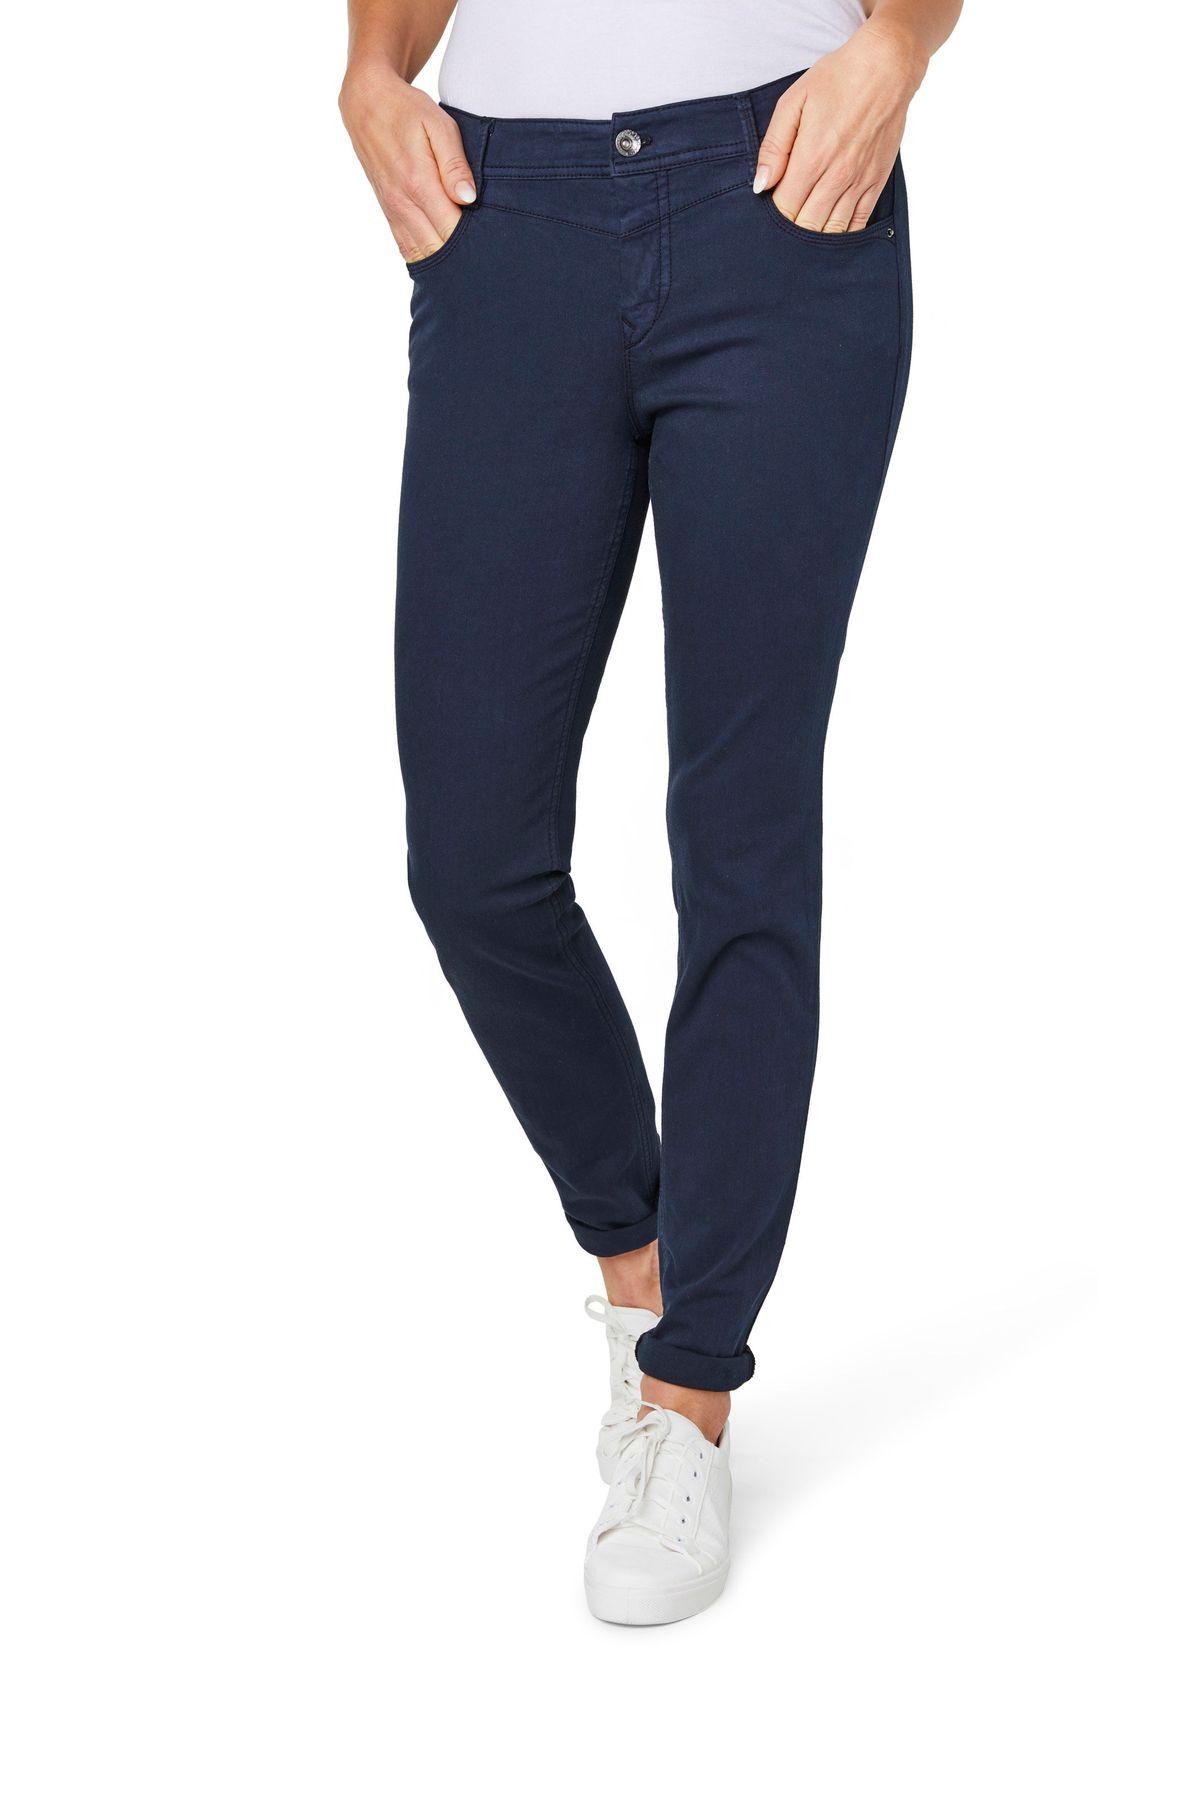 Atelier Gardeur - Slim Fit - Damen 5-Pocket Jeans, Zuri108 (080421) – Bild 13